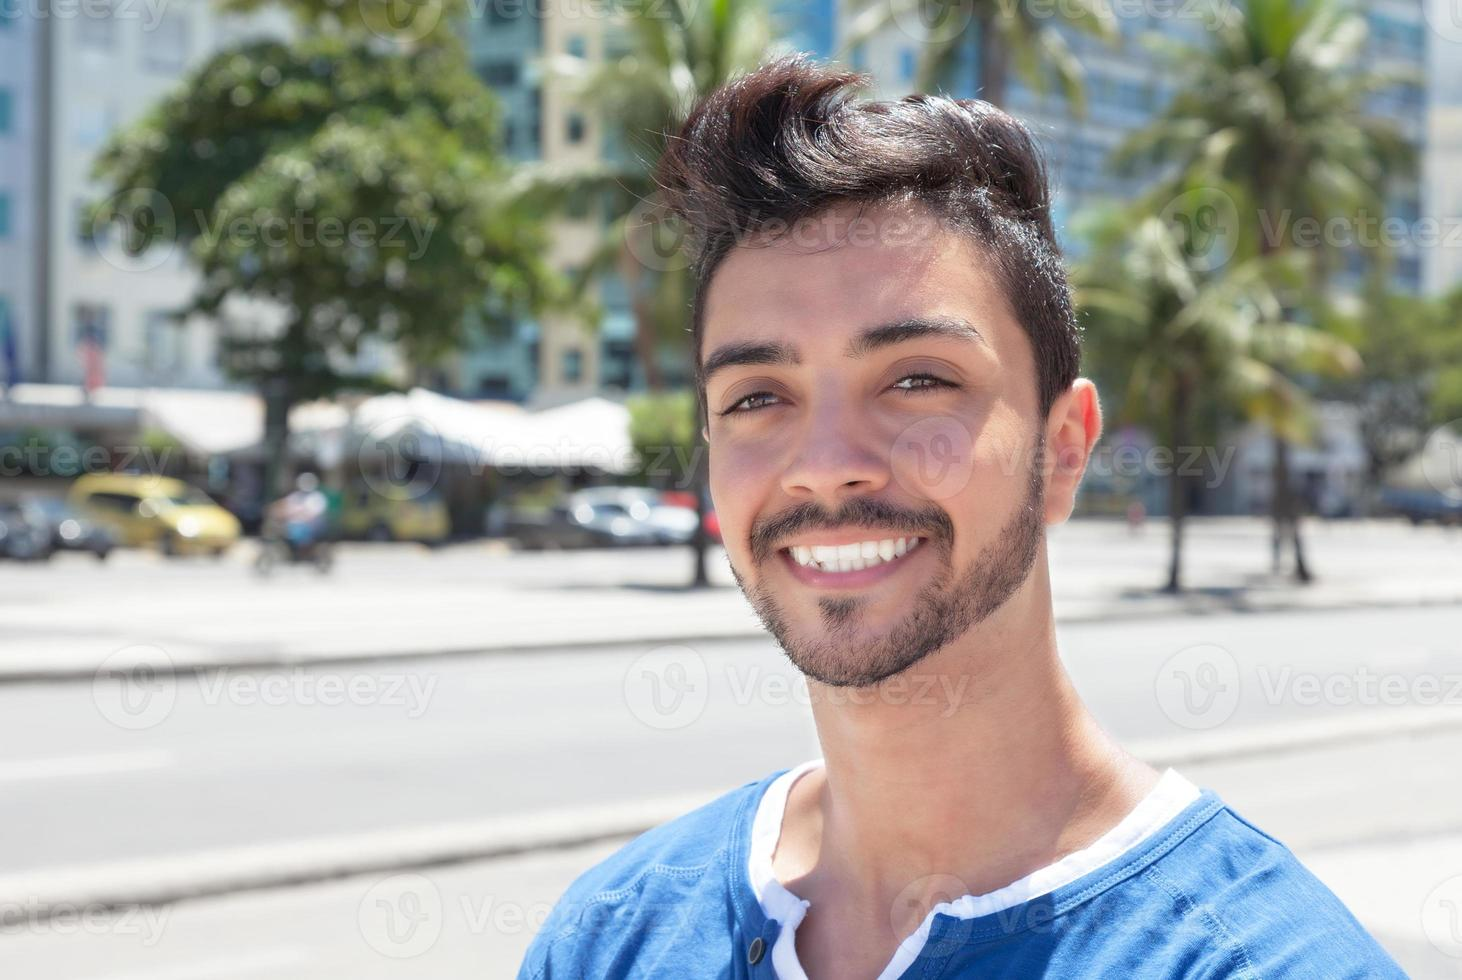 rêve brésilien guy dans une ville moderne photo